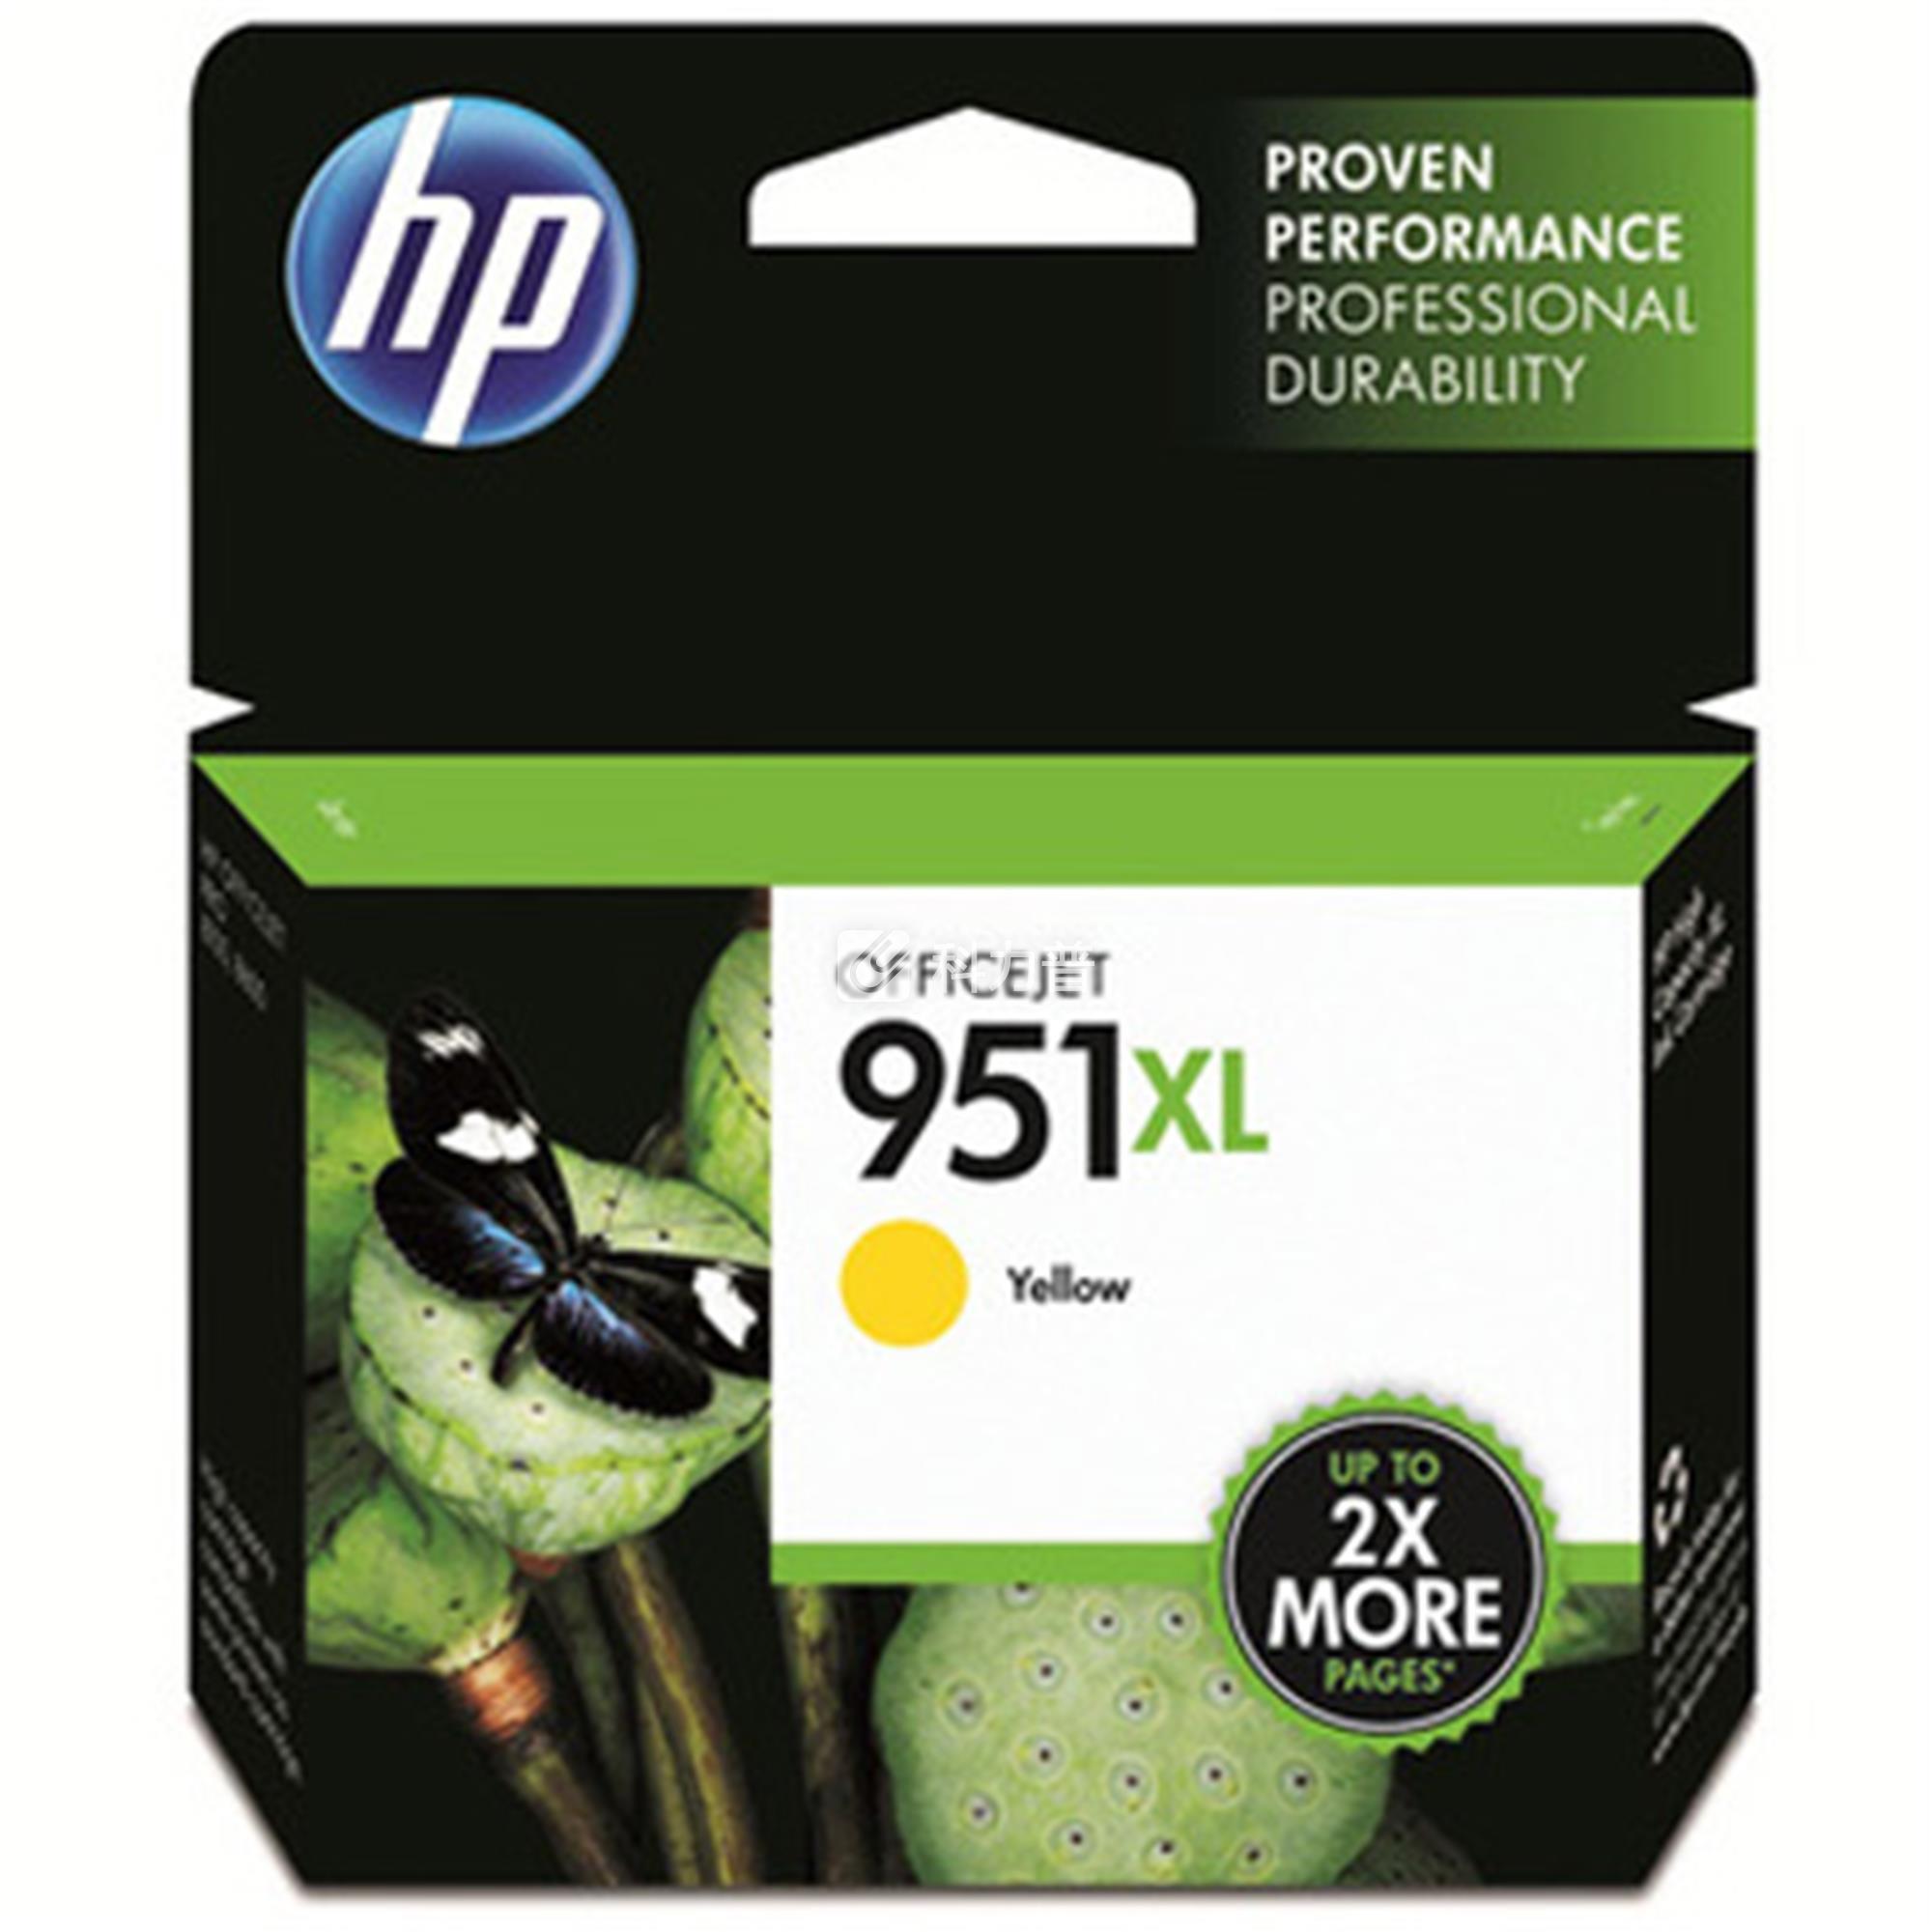 惠普 HP 大容量墨盒 CN048AA 951XL (黄色)